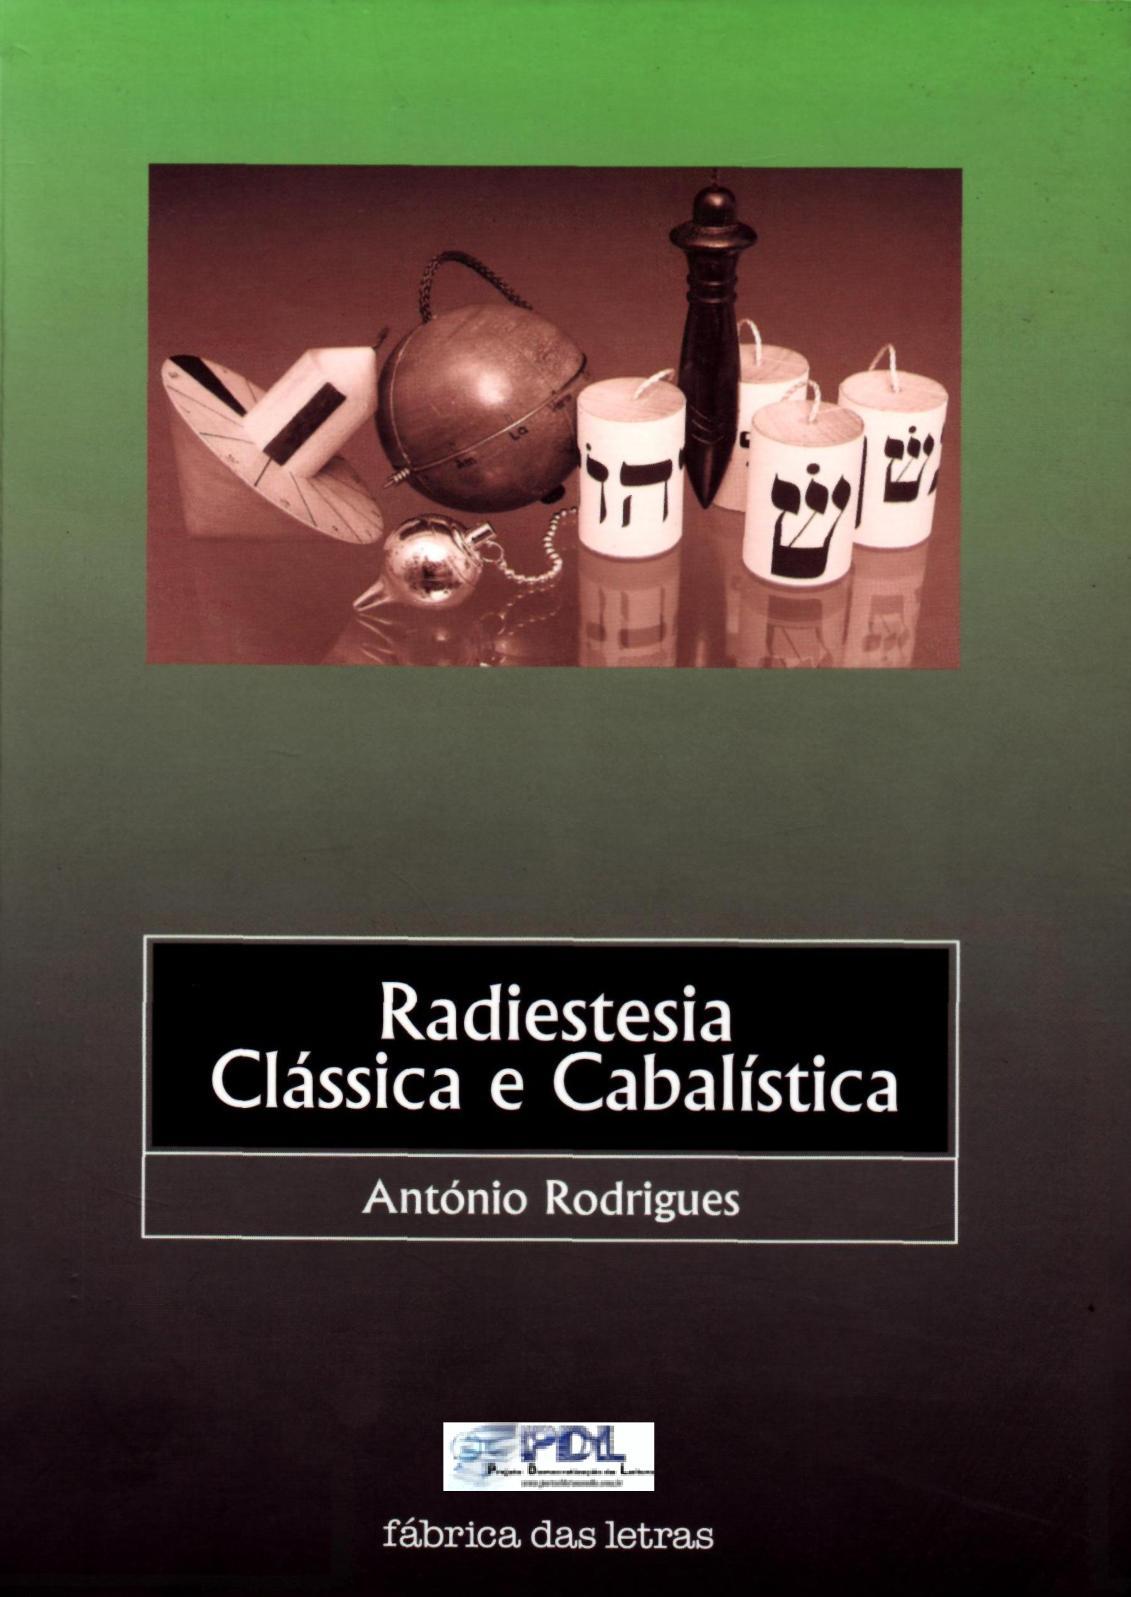 3403d65c1d3 Calaméo - Antnio rodrigues Radiestesia cabalistica